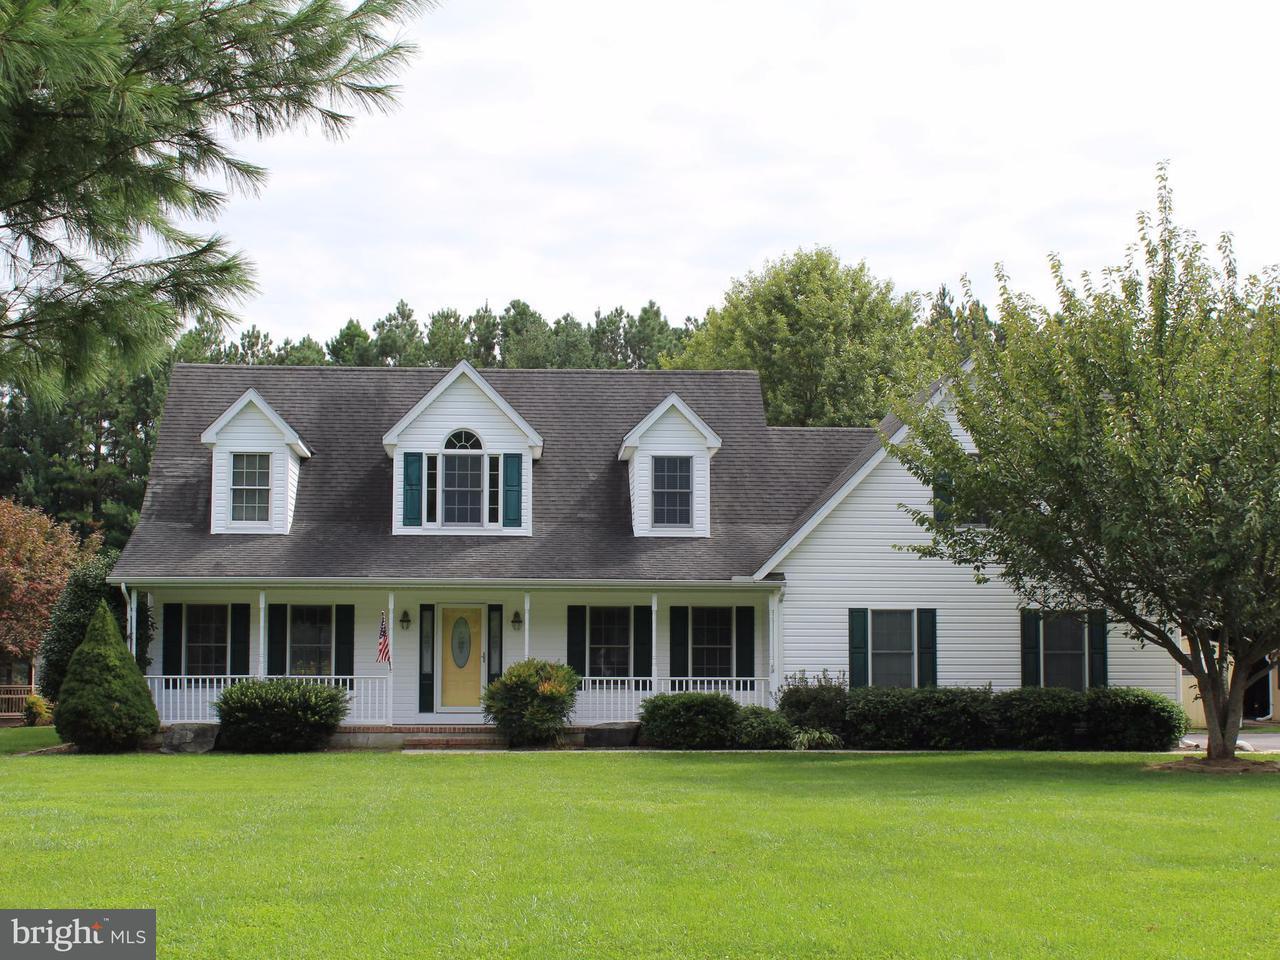 一戸建て のために 売買 アット 13399 WYE LANDING Lane 13399 WYE LANDING Lane Wye Mills, メリーランド 21679 アメリカ合衆国